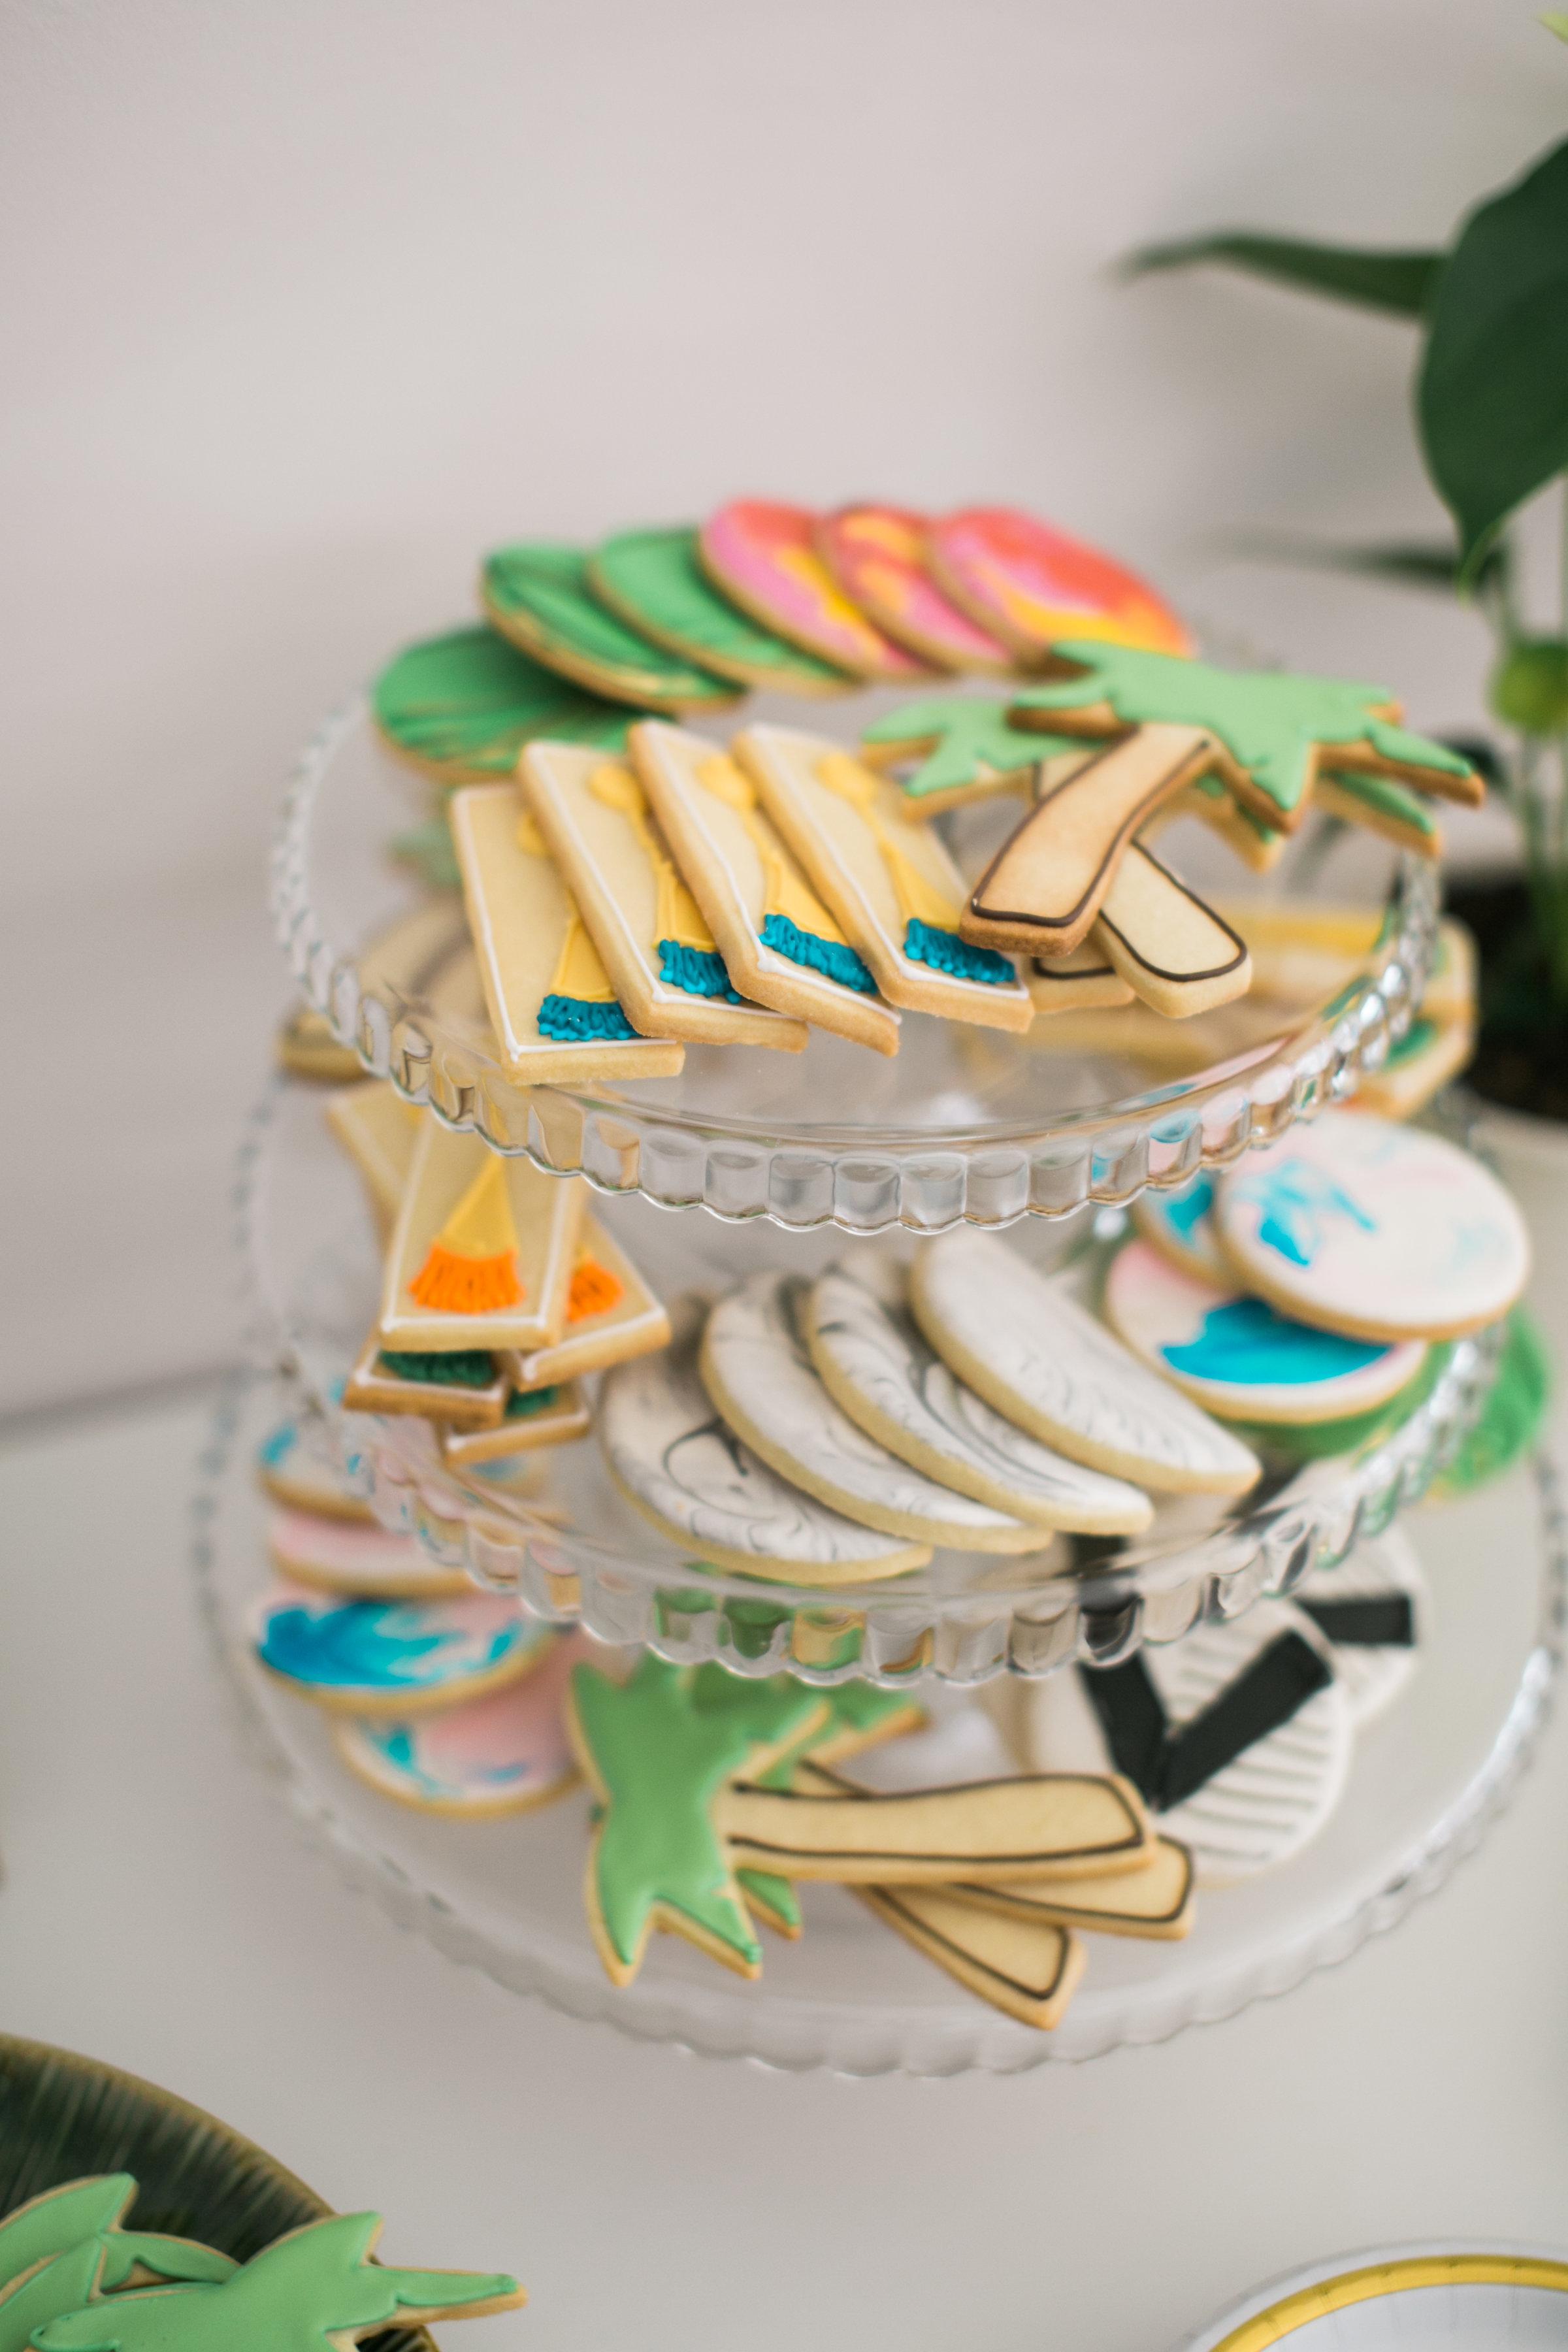 Sweetri Bakeshop Cookies